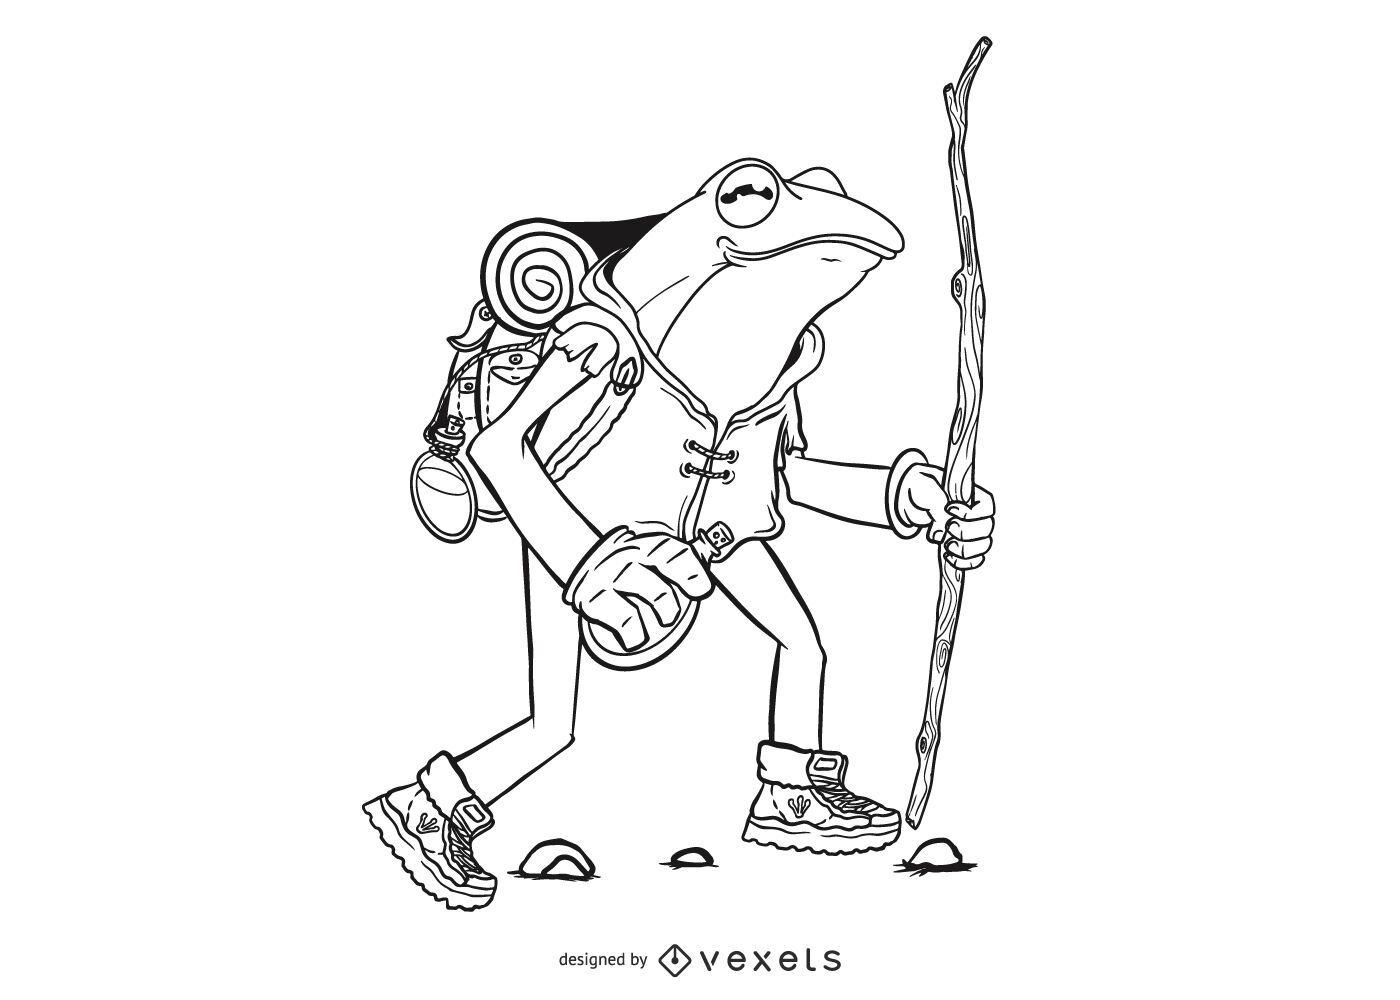 Hiking frog illustration